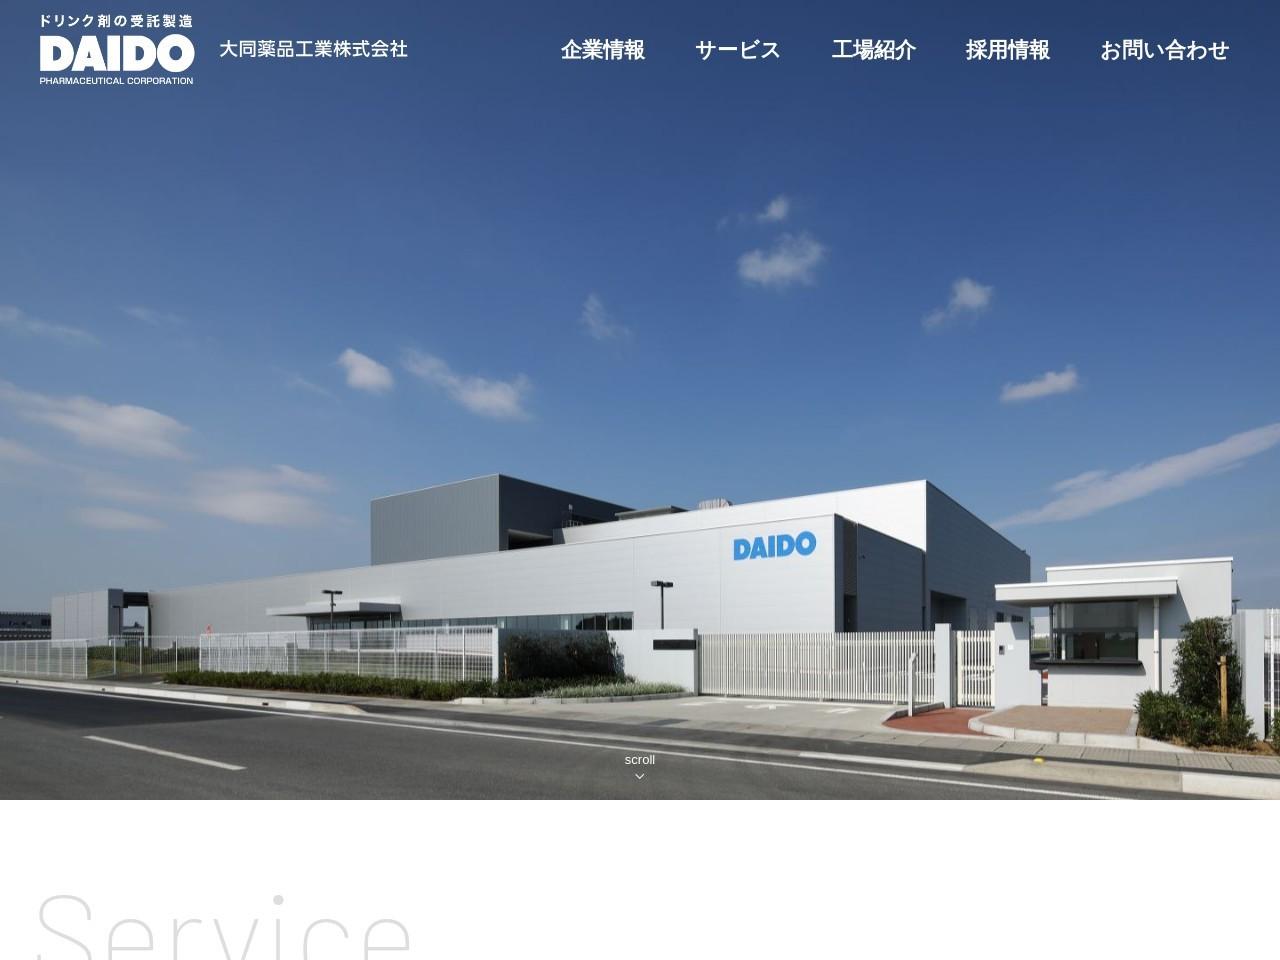 大同薬品工業株式会社関東工場